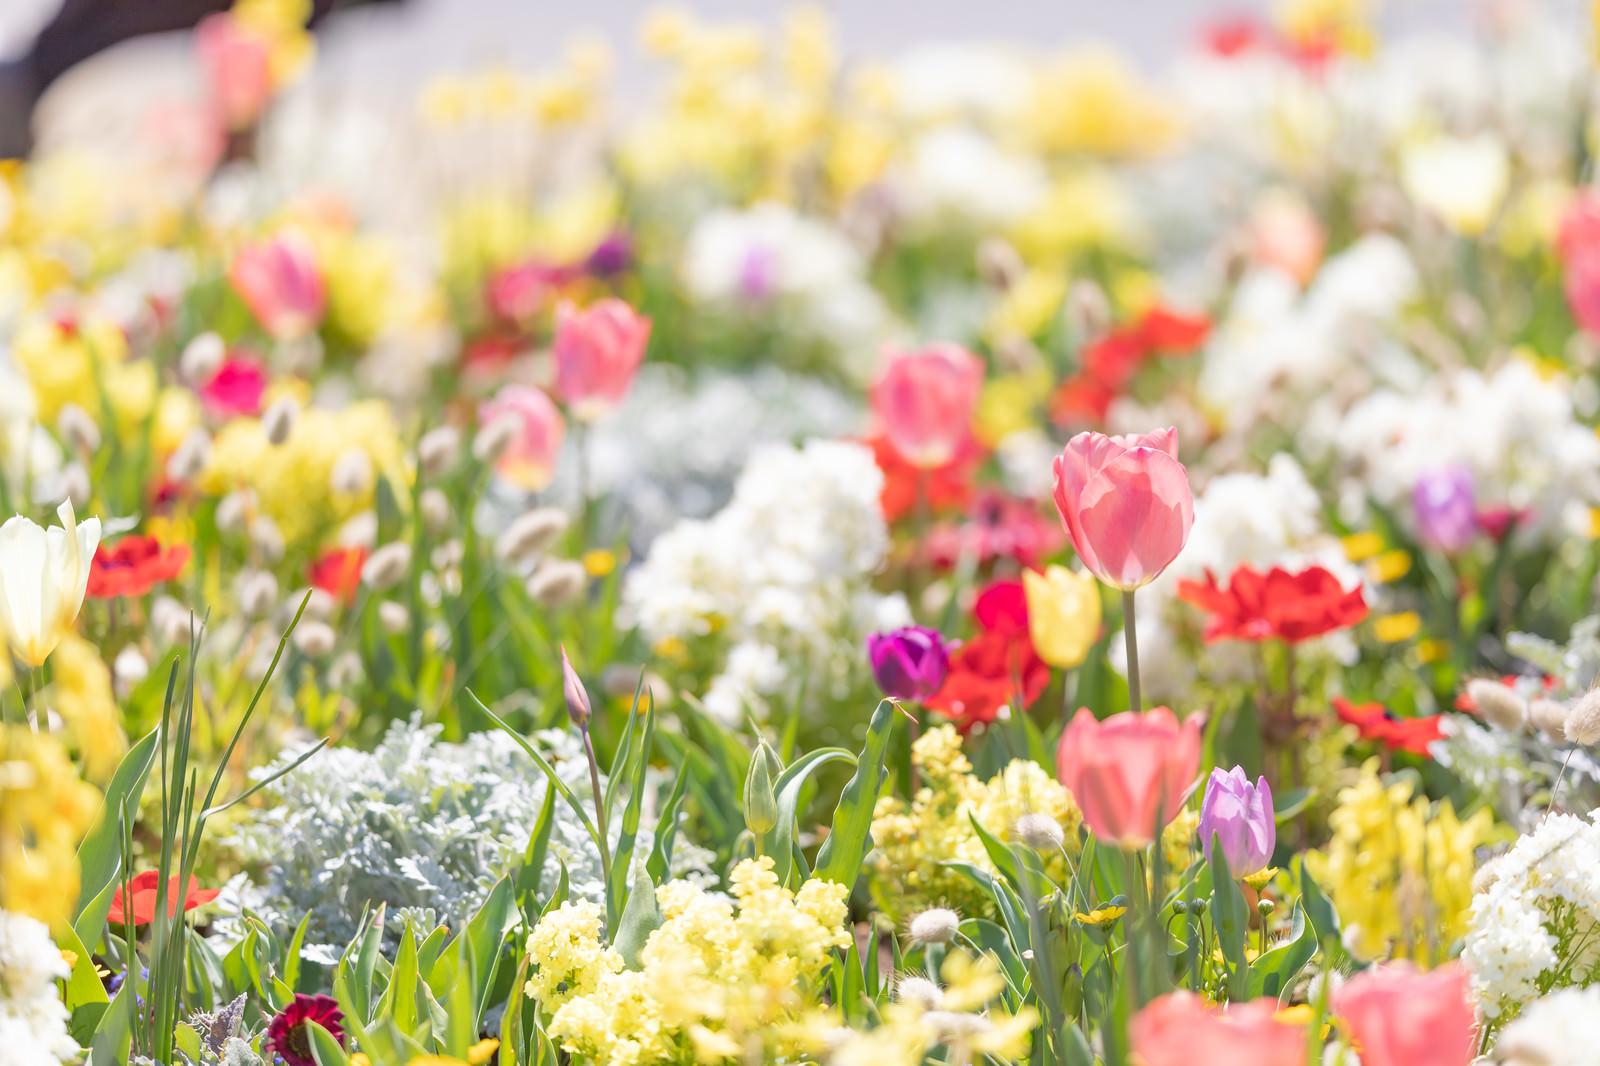 「春の訪れと満開のお花」の写真